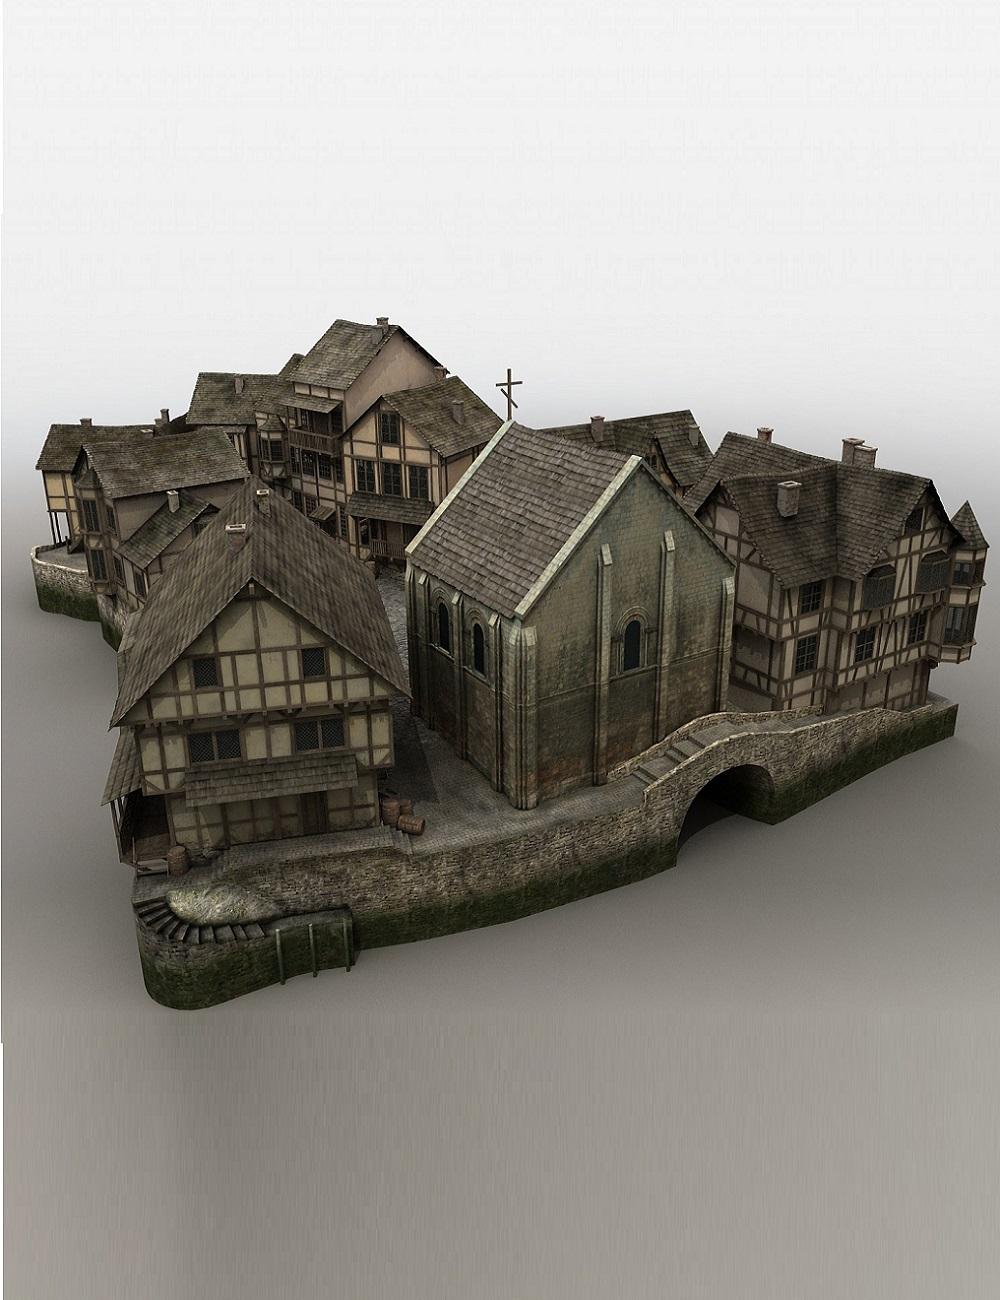 Medieval Fantasy Village by: Cornucopia3D, 3D Models by Daz 3D